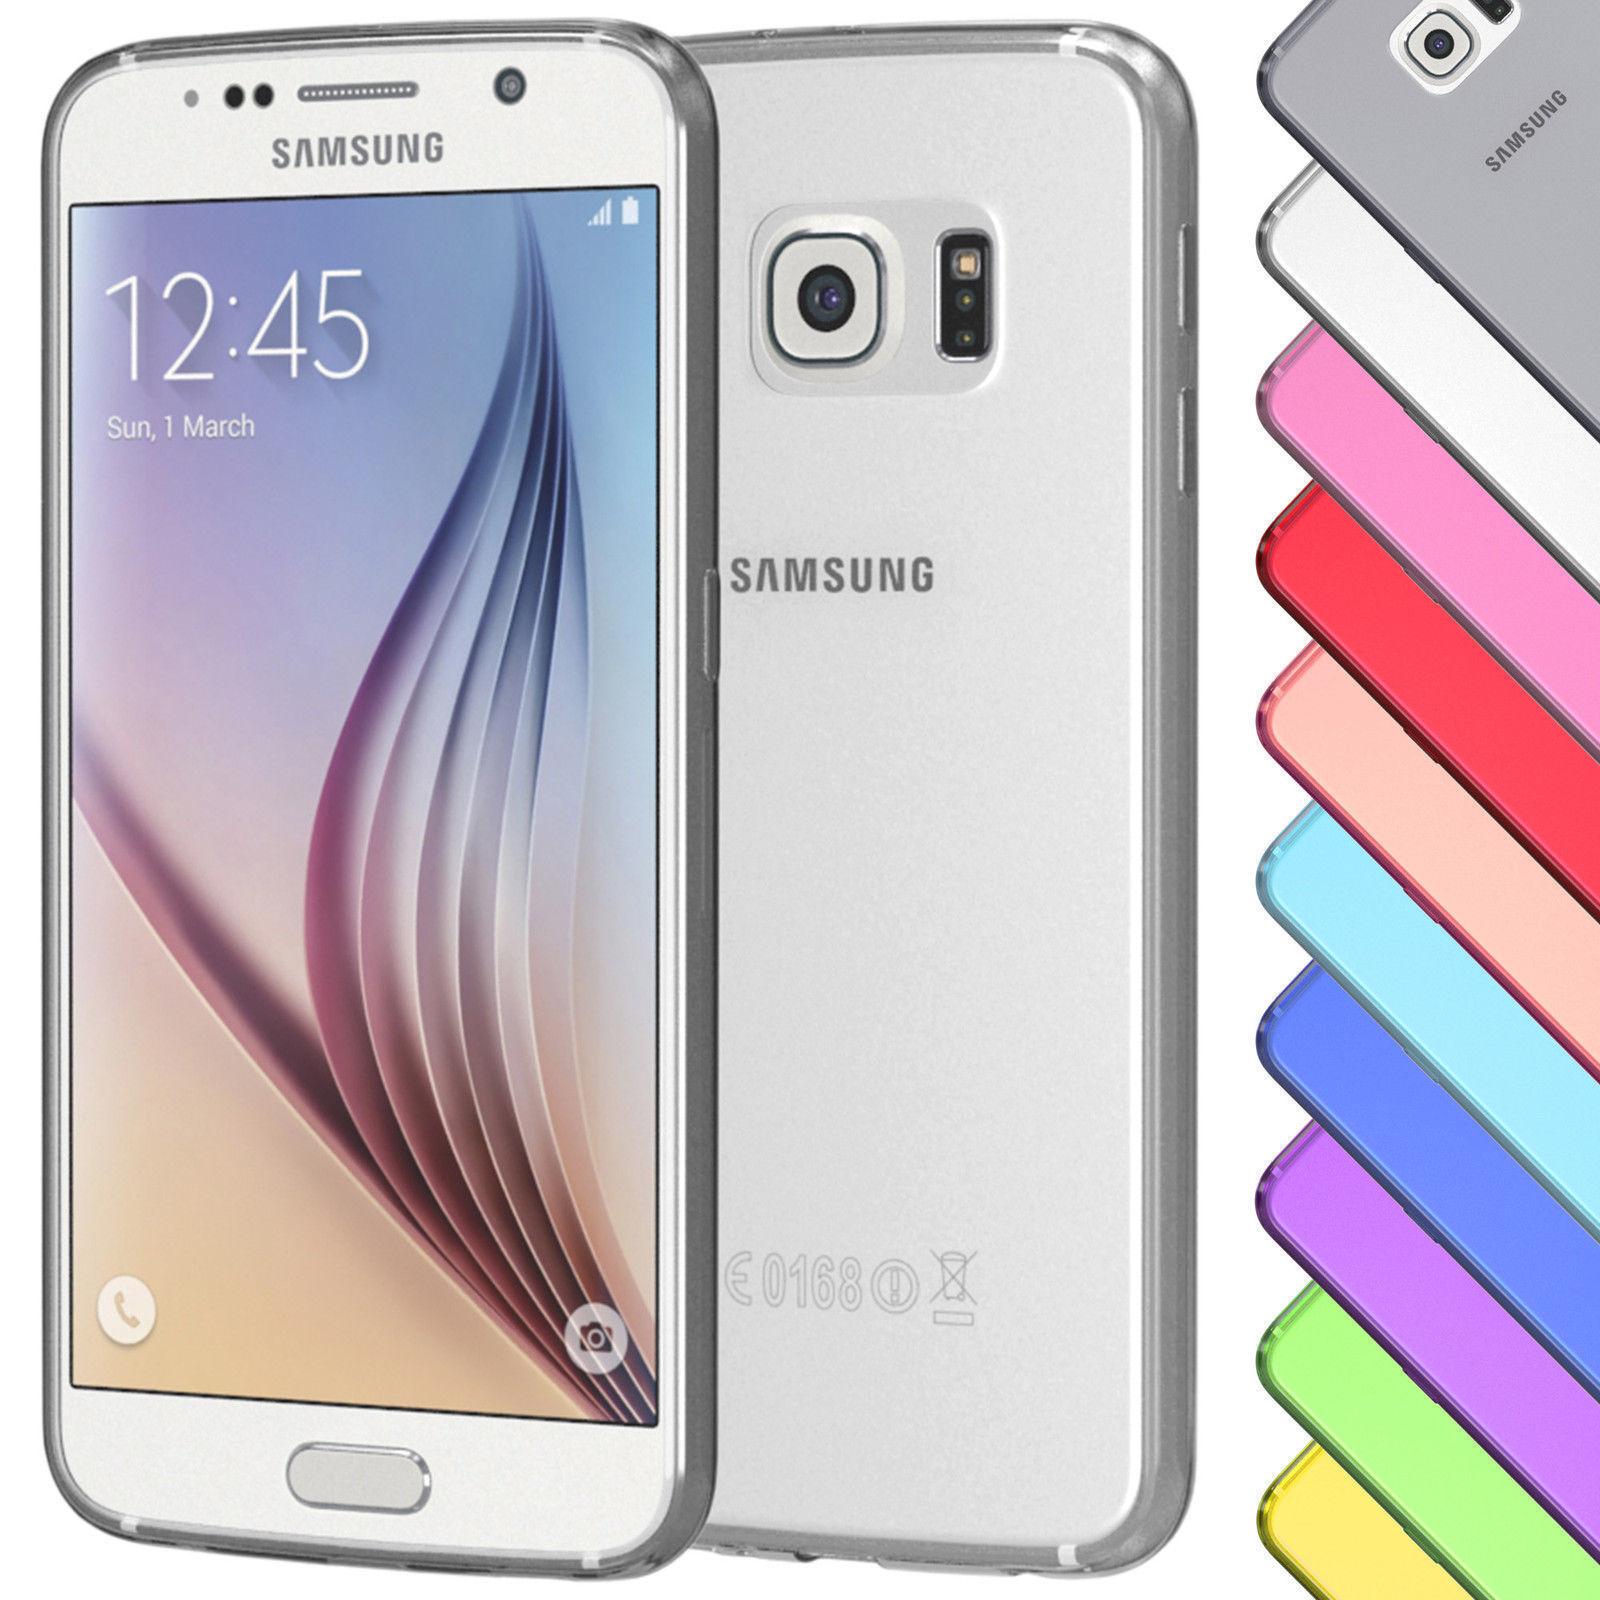 HANDYHÜLLE Schutz Hülle  Silikon  Case versch. Farben für iphone,Samsung ...  @ebay 1,99€